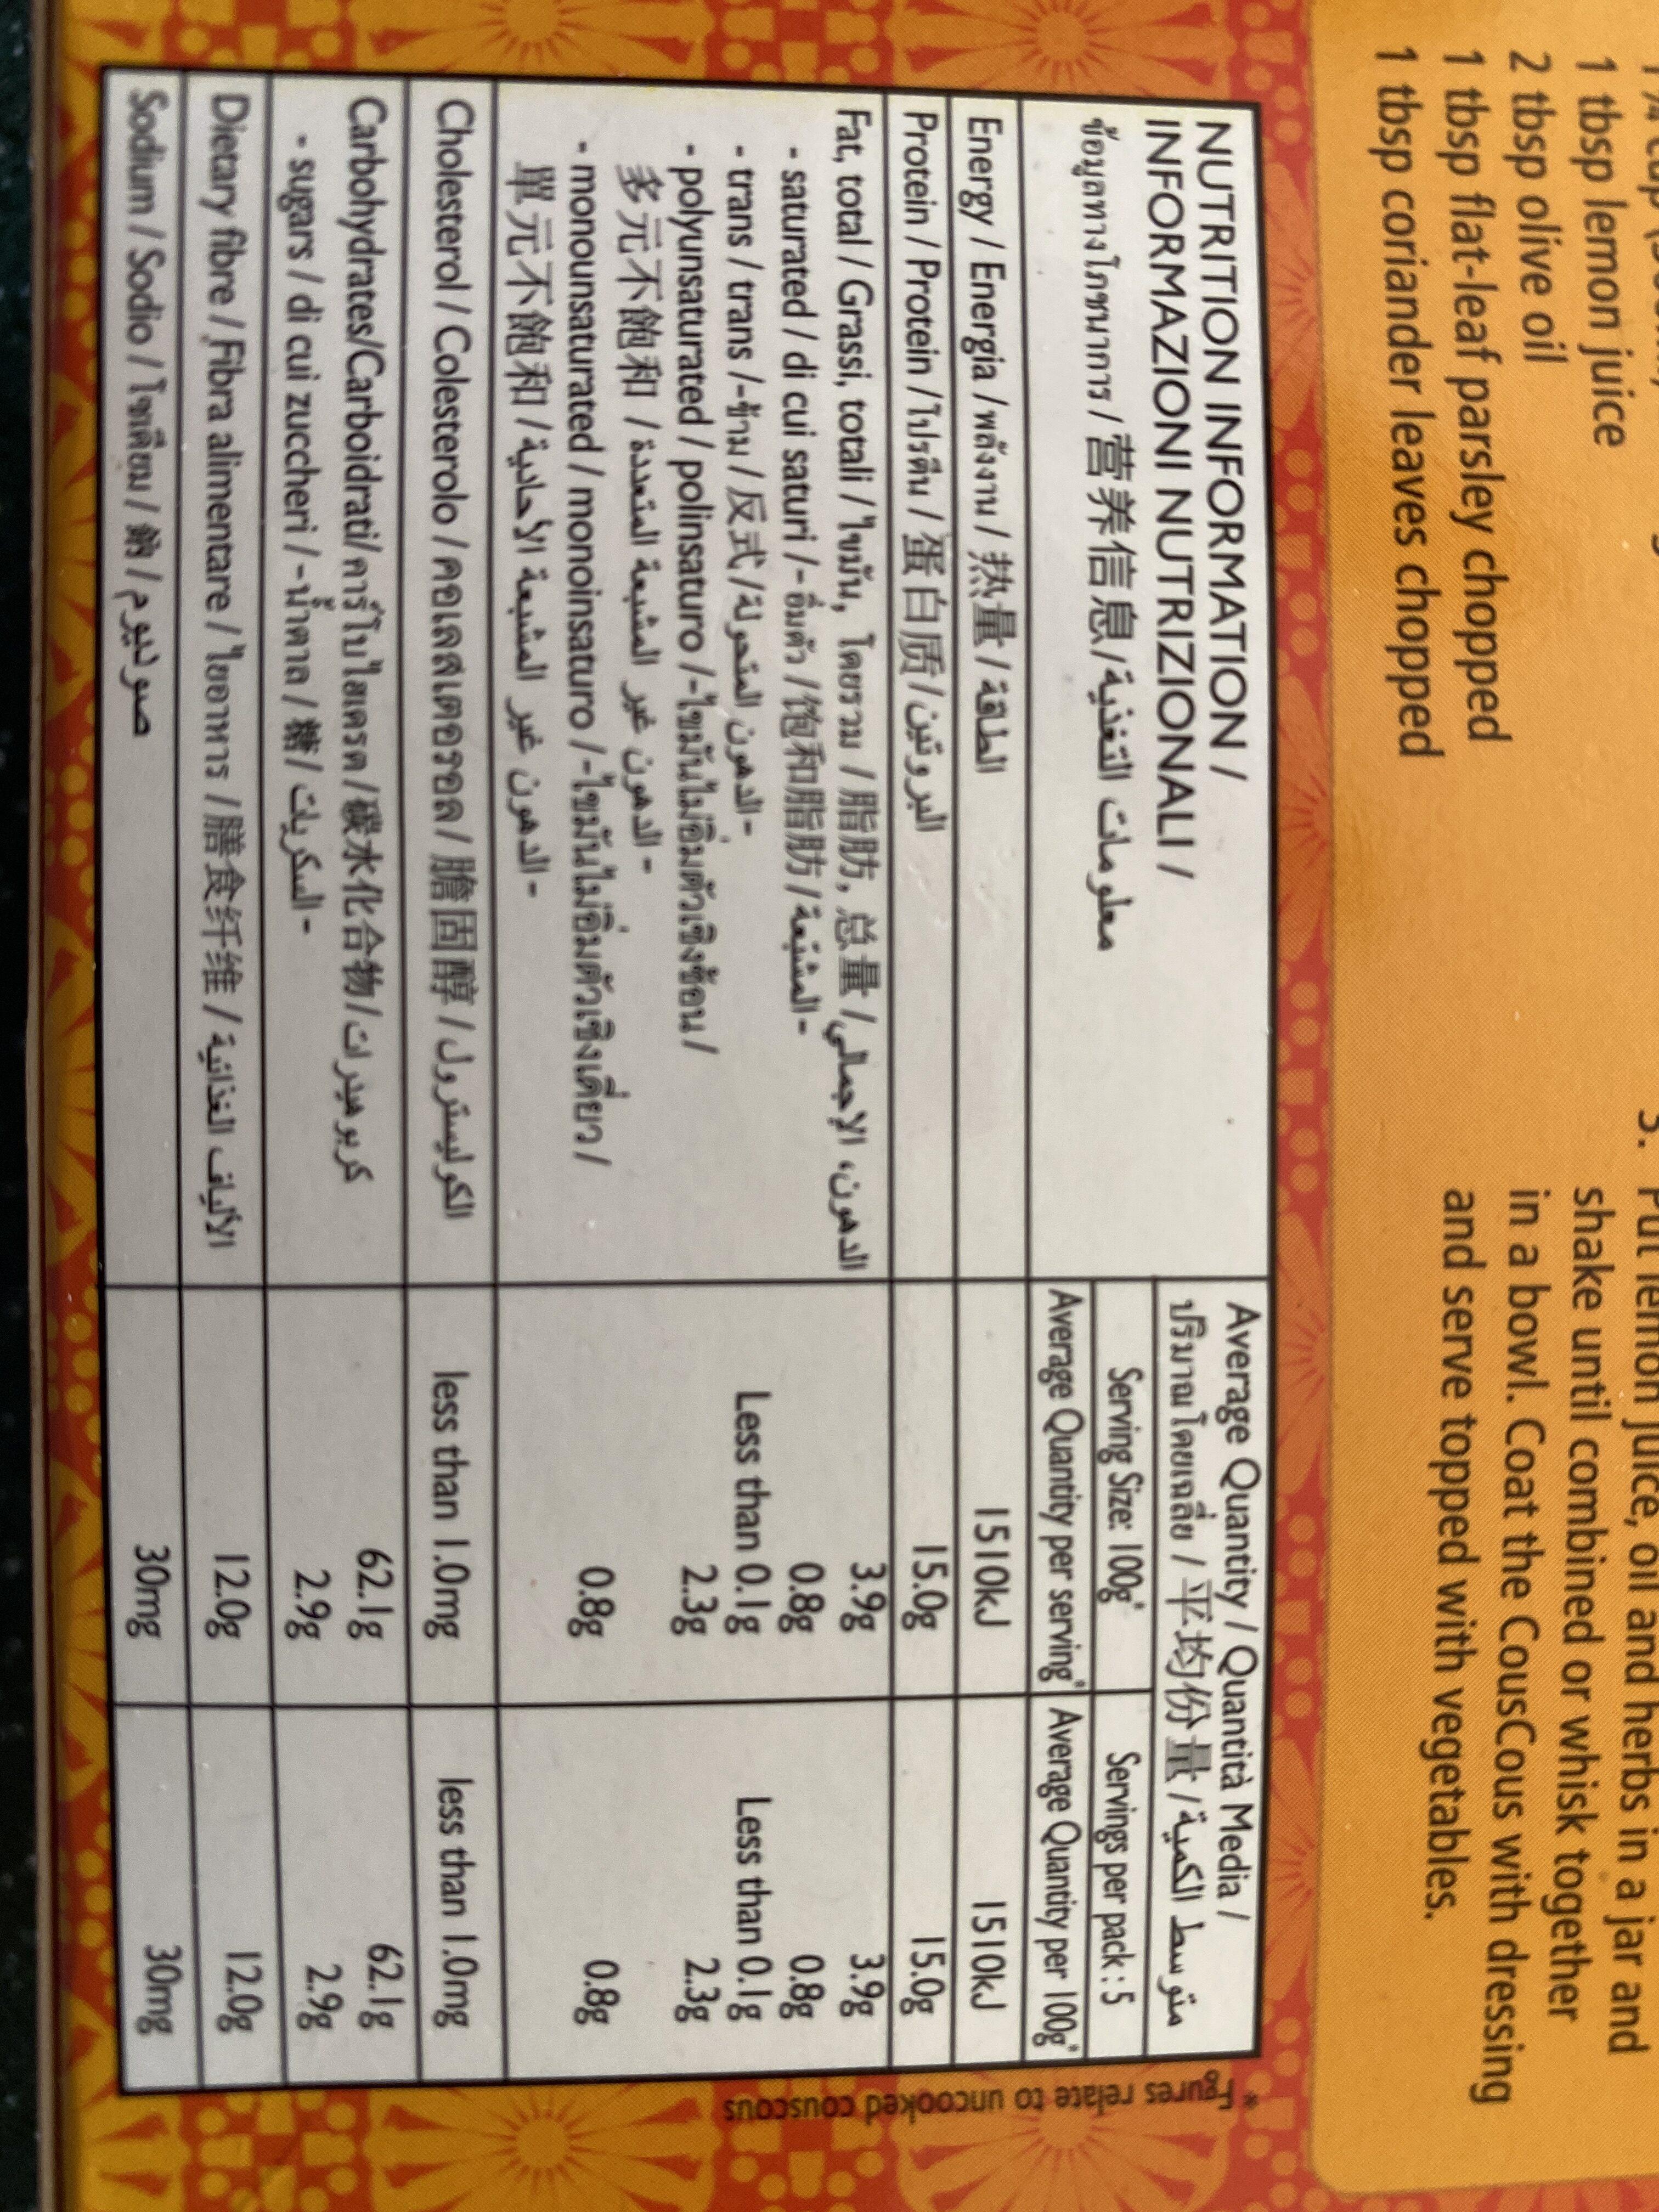 Couscous wholemeal - Nutrition facts - en